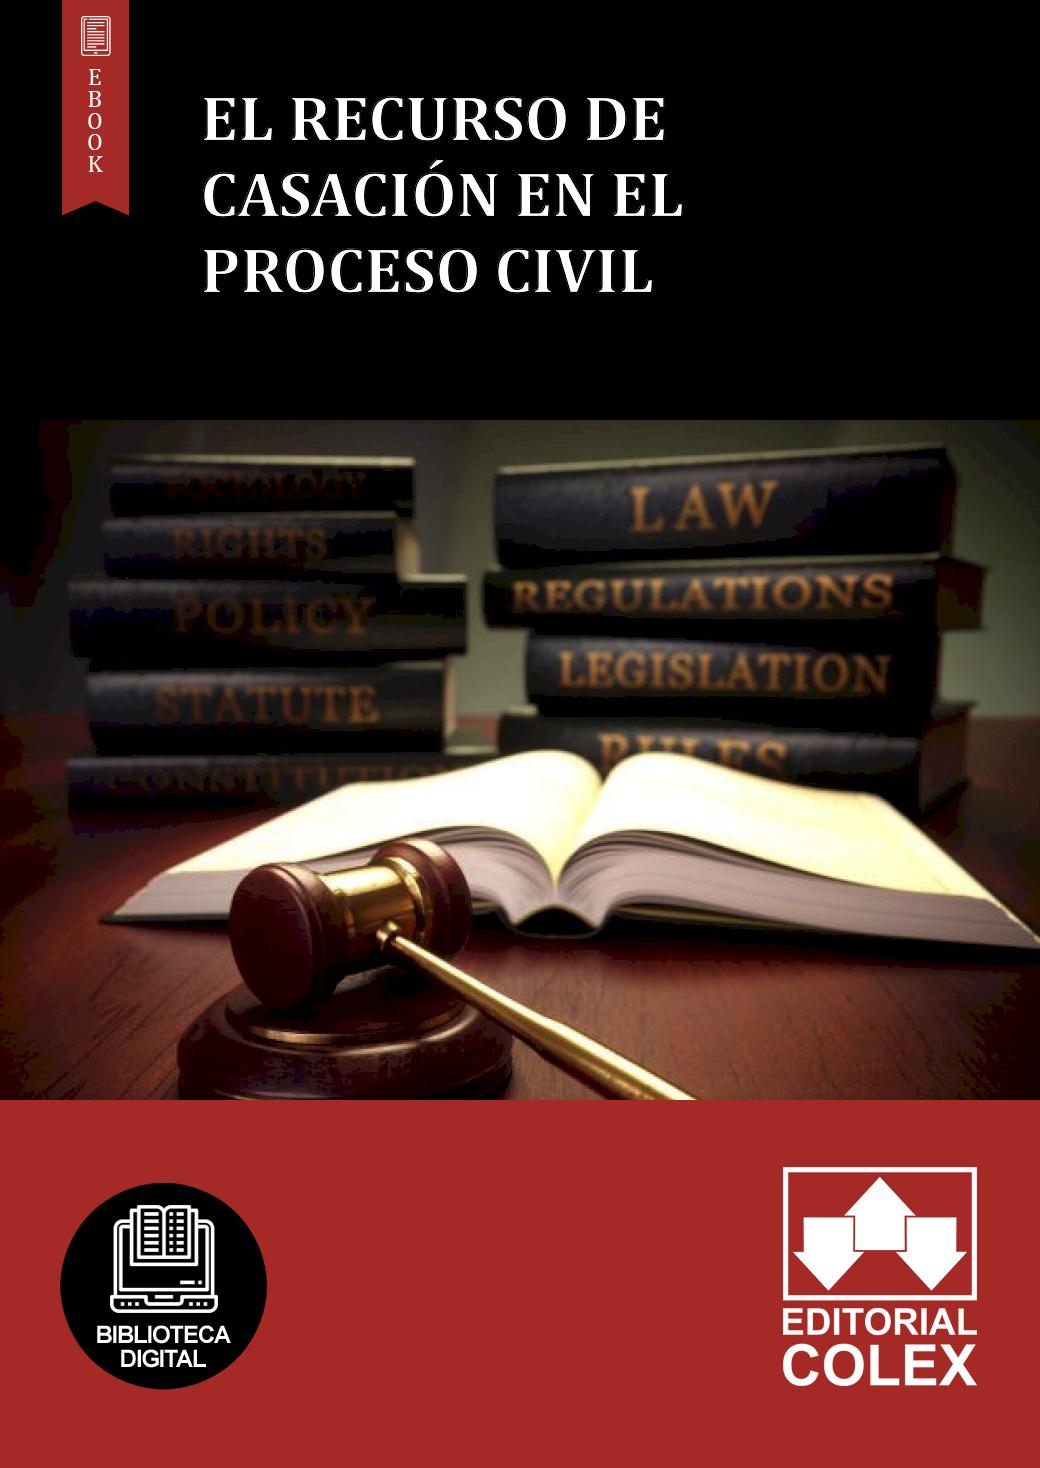 El recurso de casación en el proceso civil